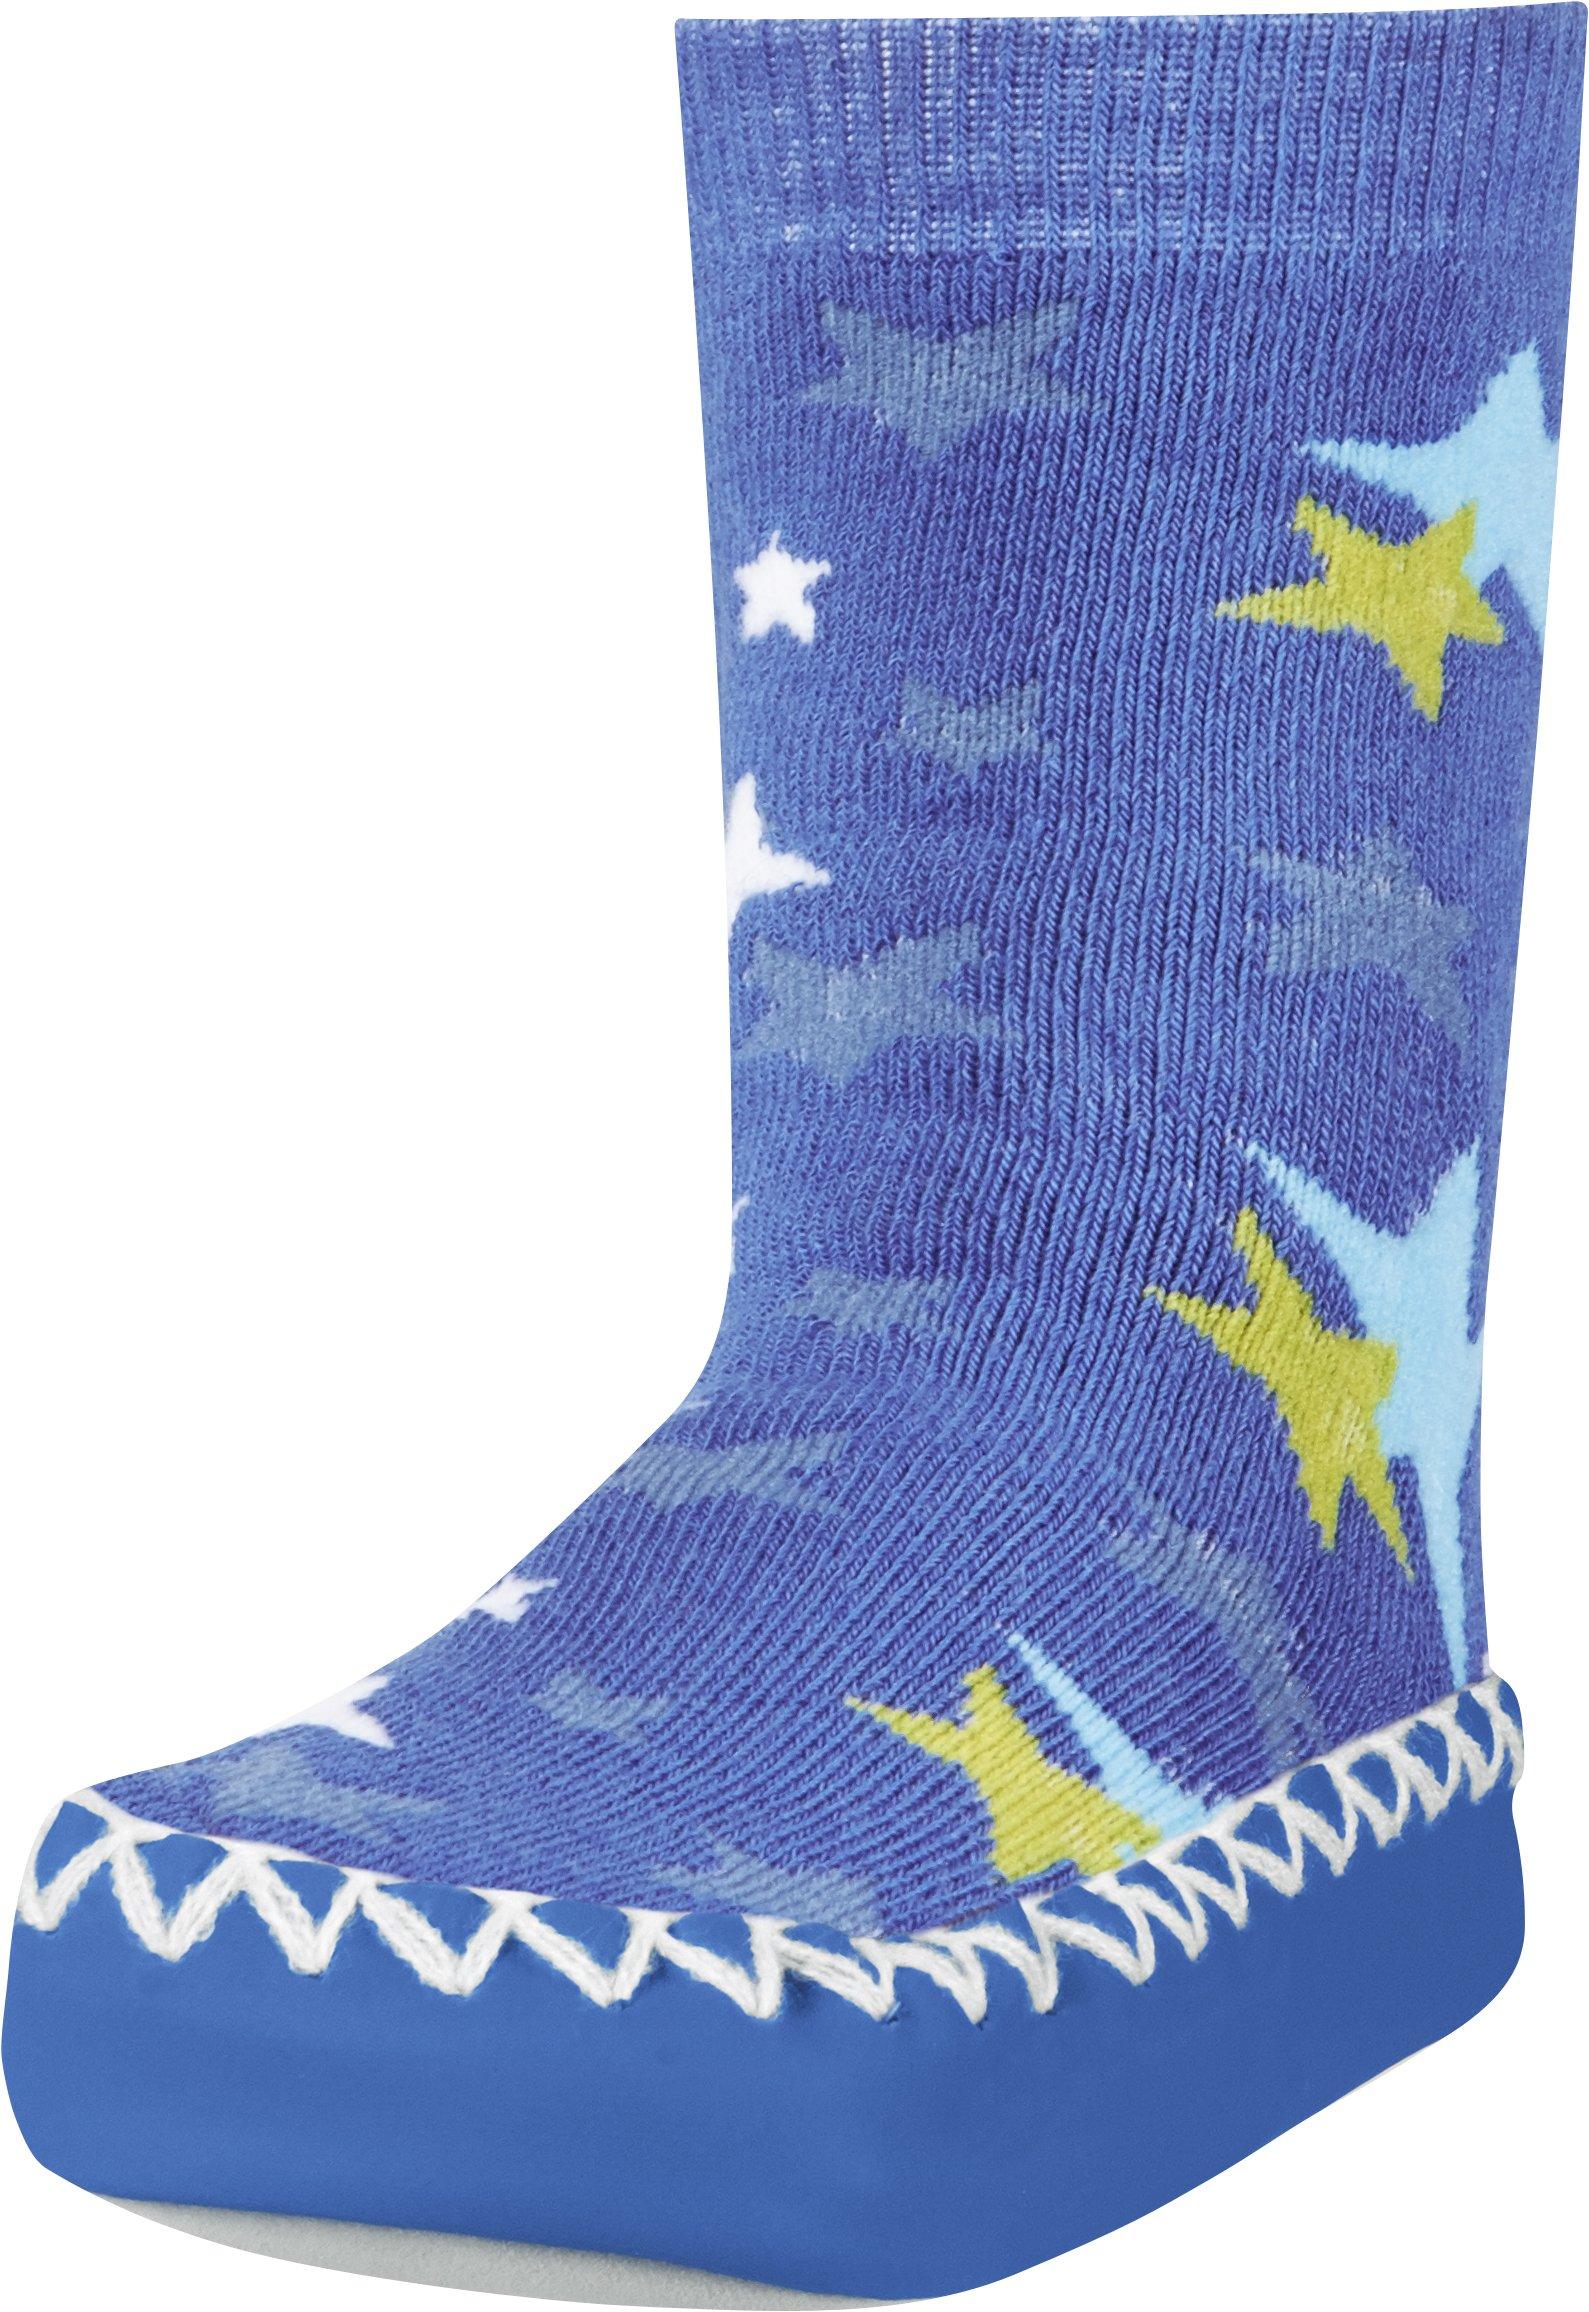 Playshoes Zapatillas Con Suela Antideslizante Estrellas Pantuflas Unisex Niños 1